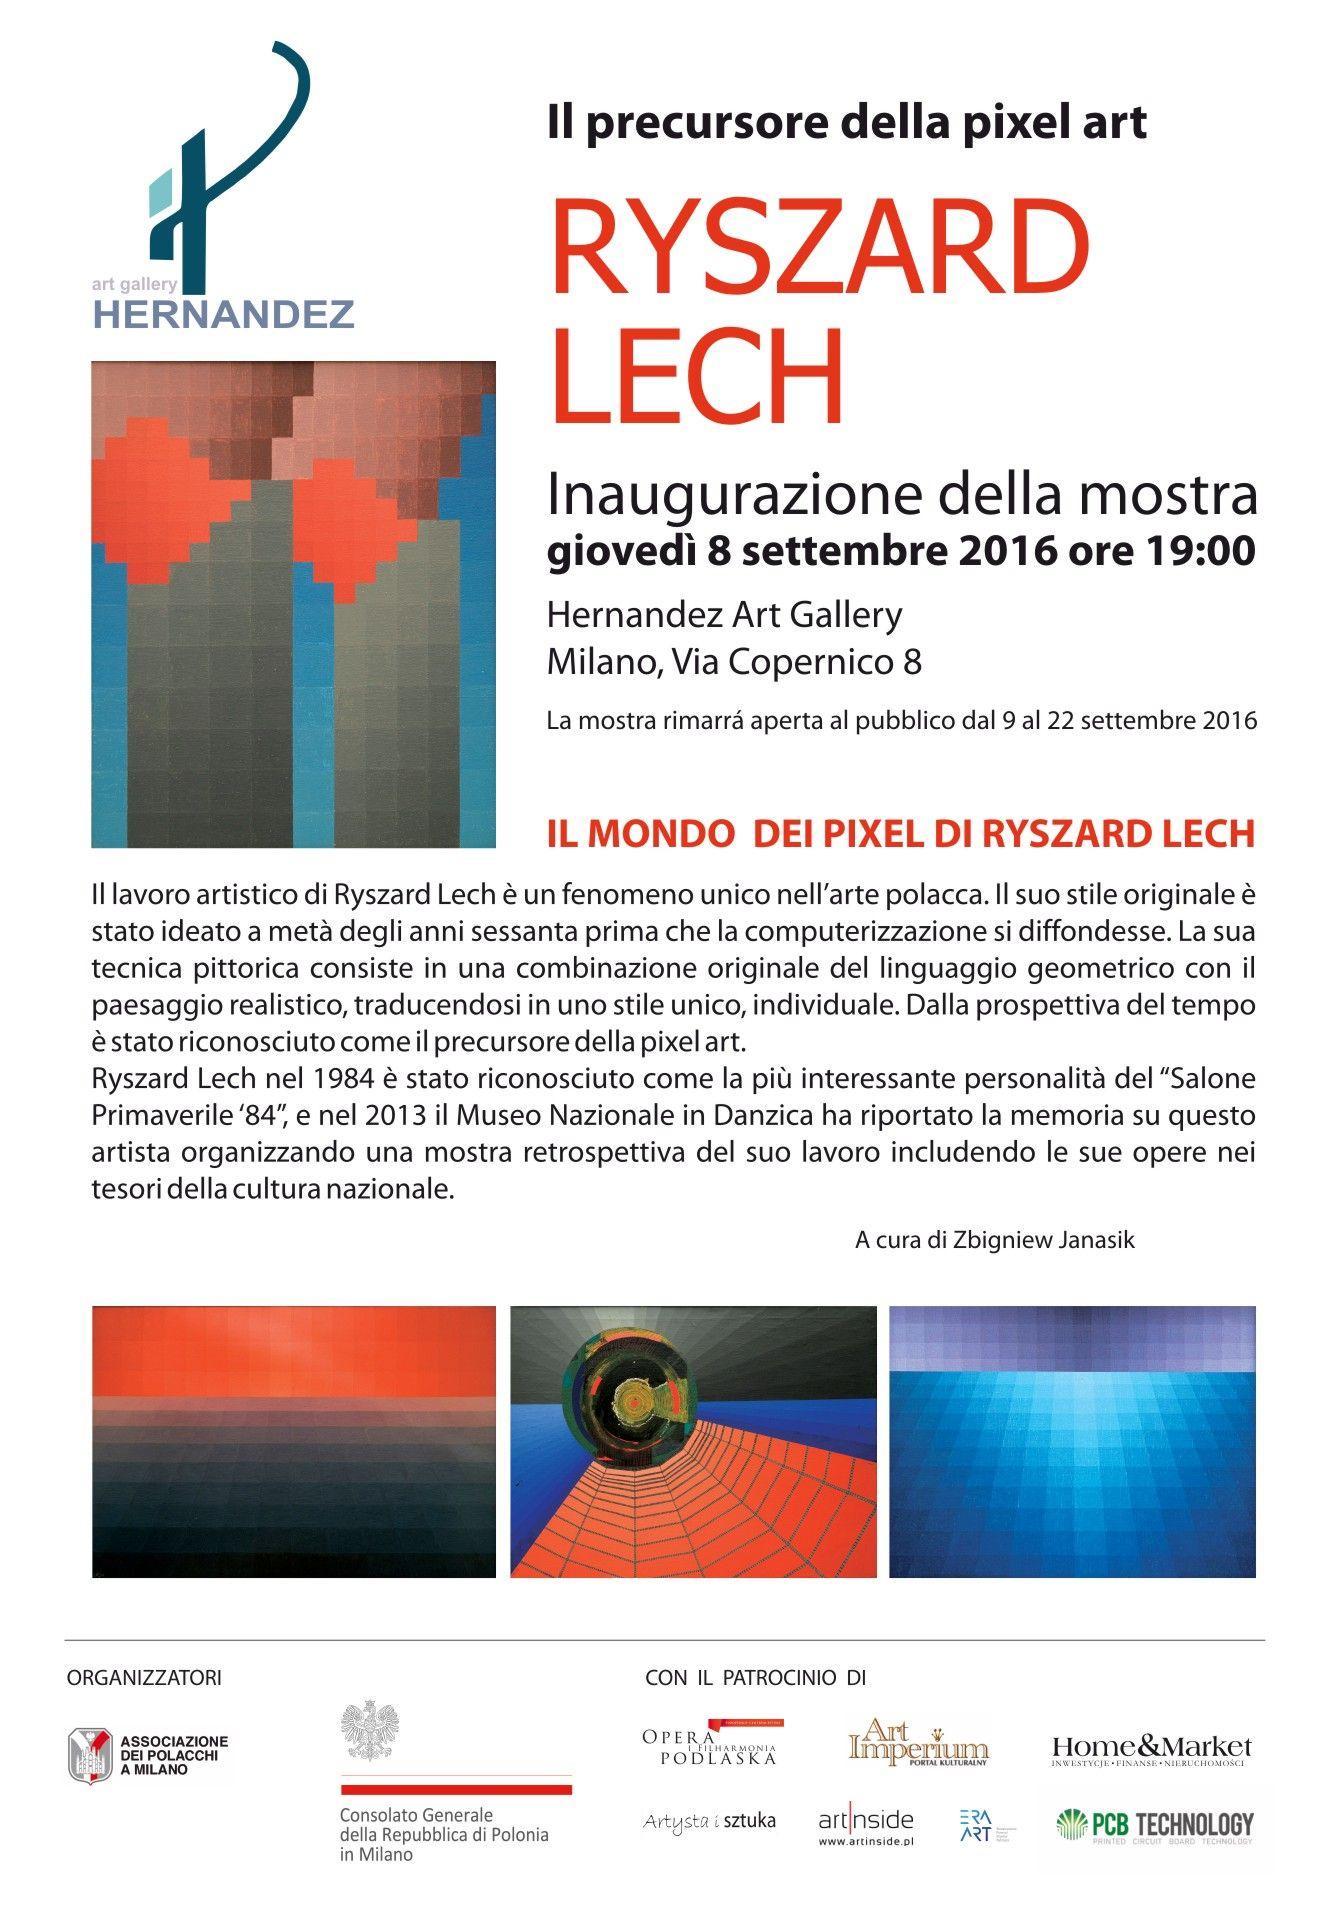 Ryszard Lech - wystawa w Mediolanie